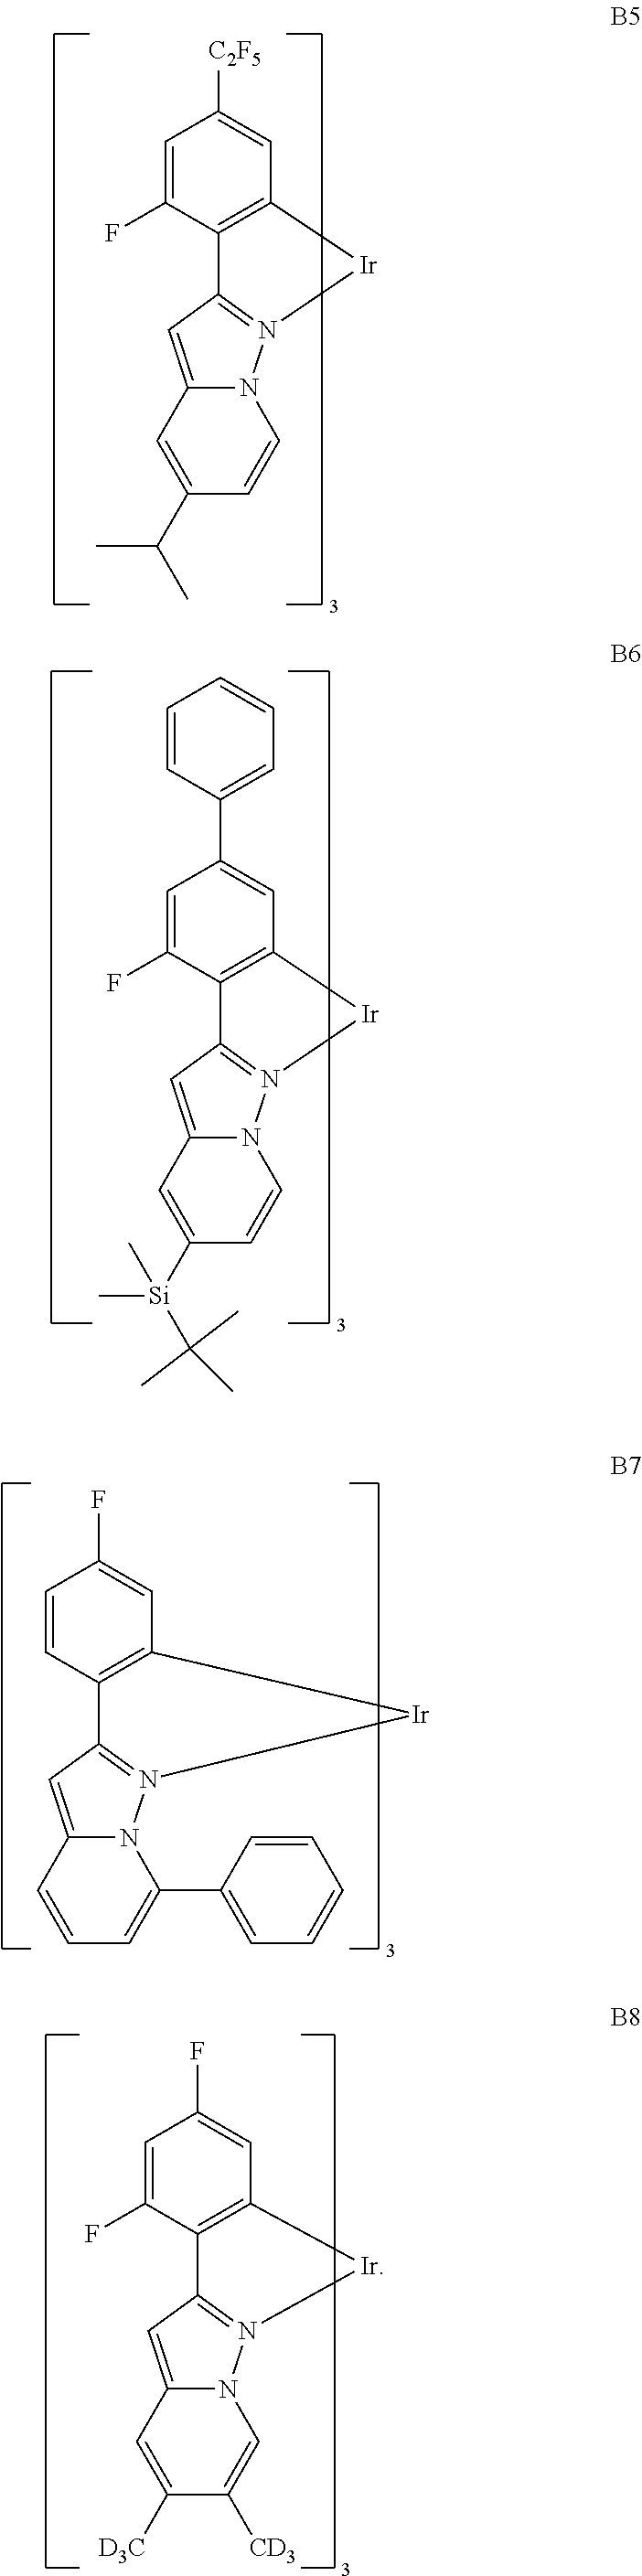 Figure US09685618-20170620-C00017